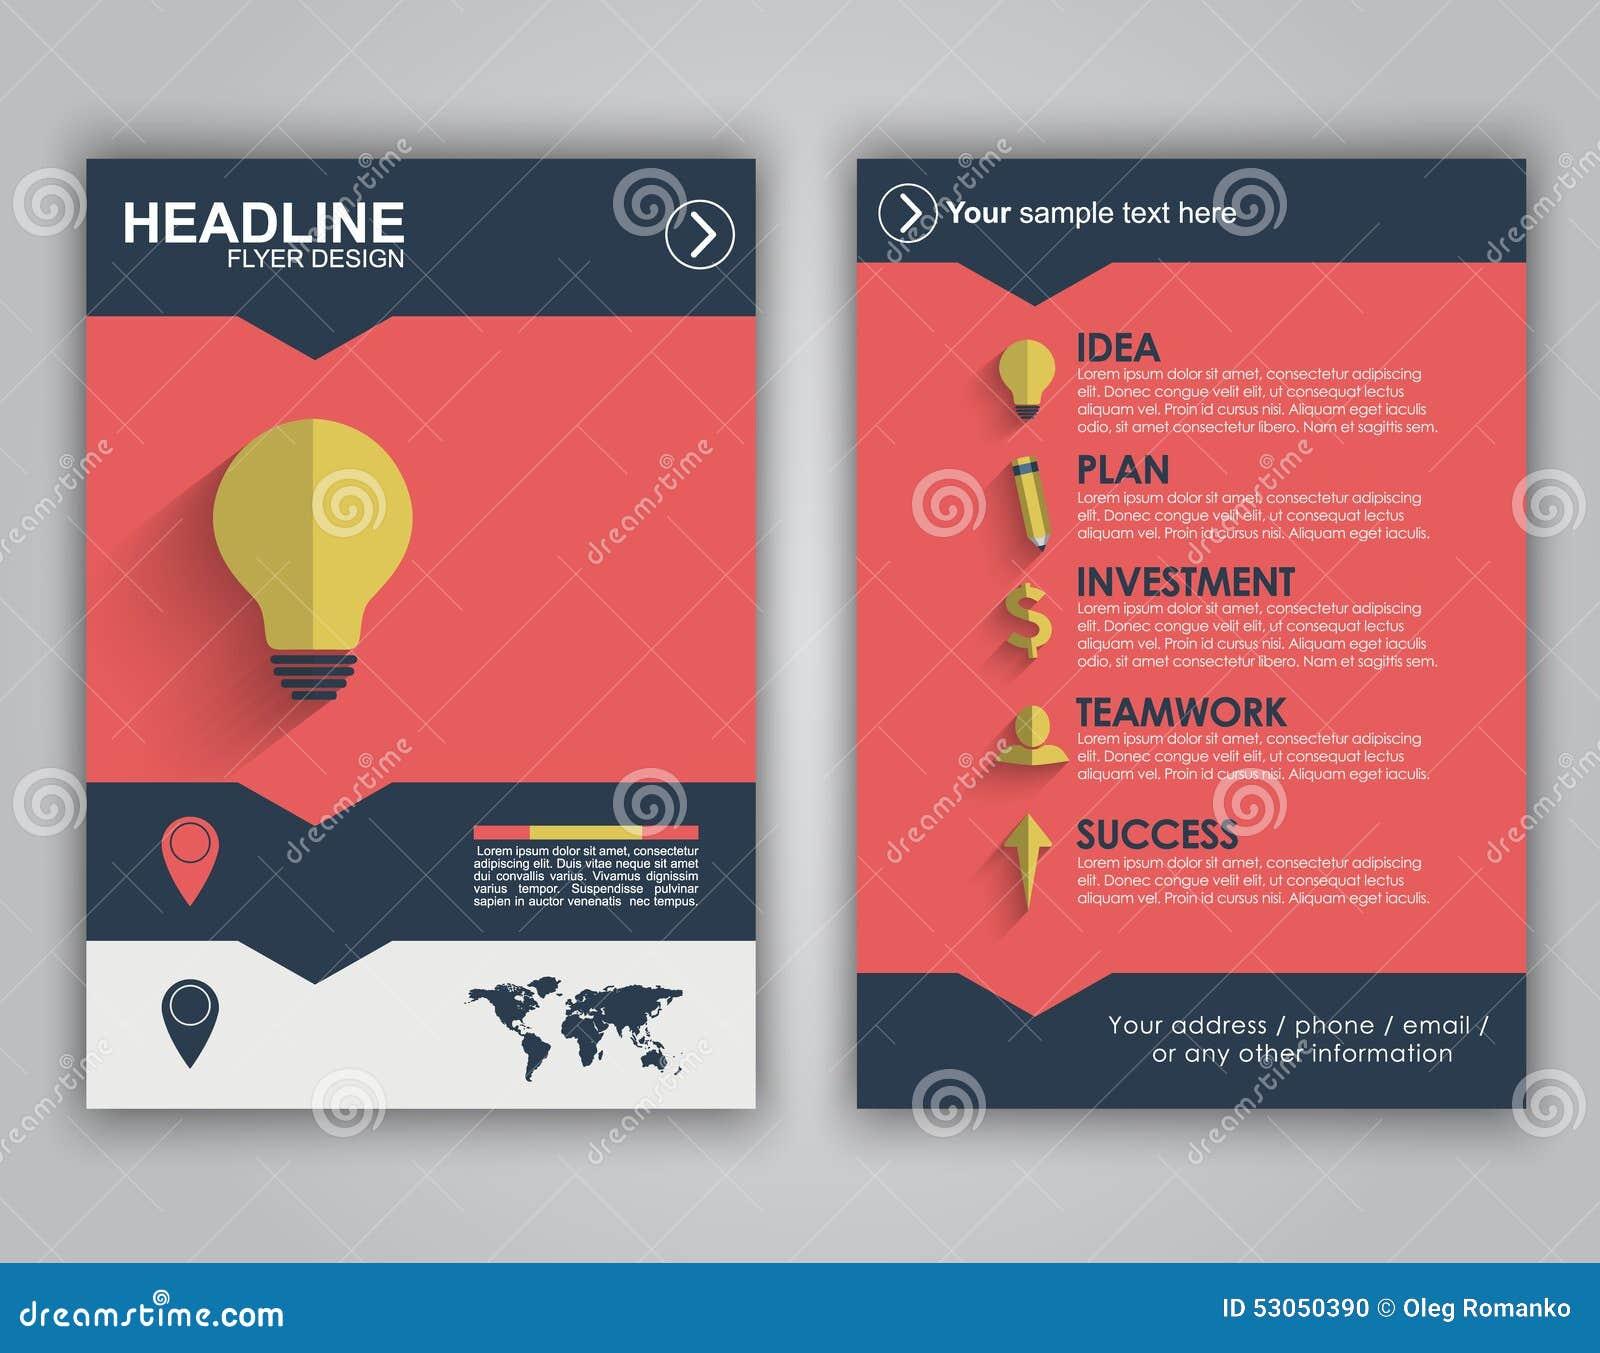 flyer design for advertising stock vector image 53050390 flyer design for advertising